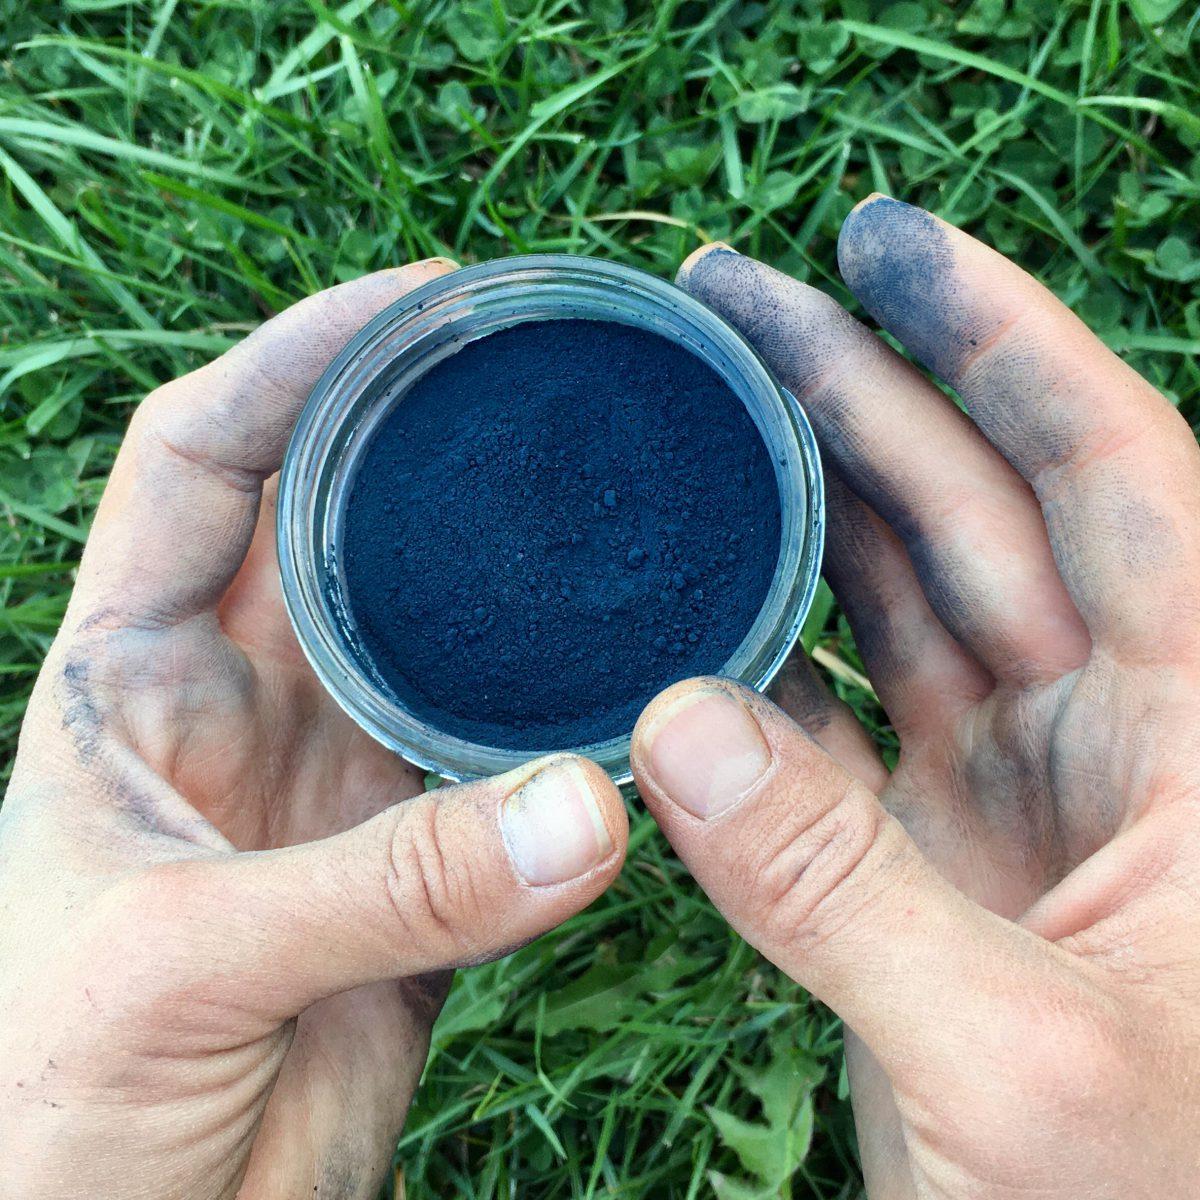 Hands holding indigo powder in a jar